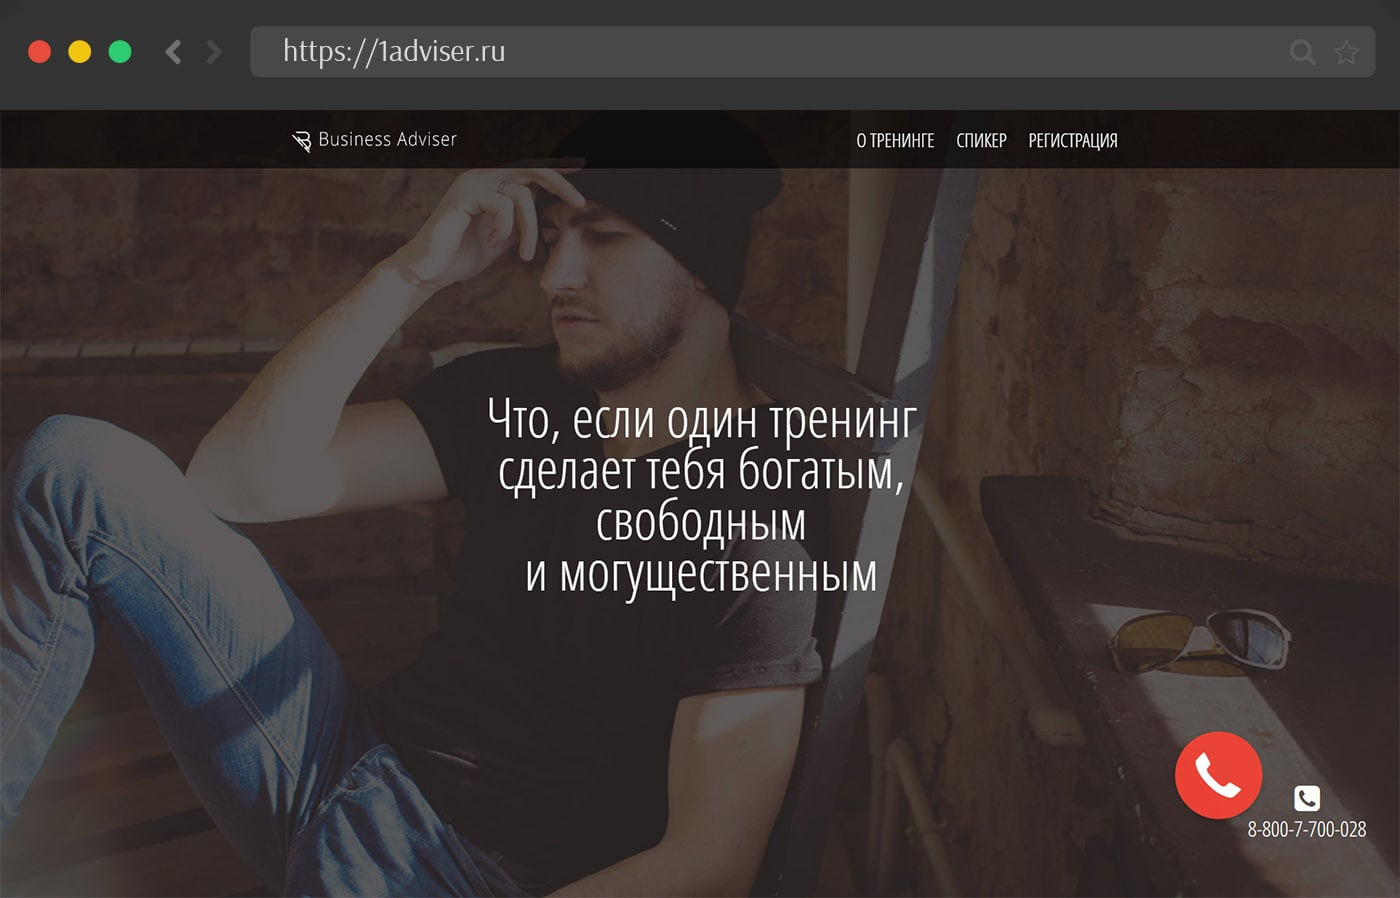 Анатольев Анатолий Анатольевич